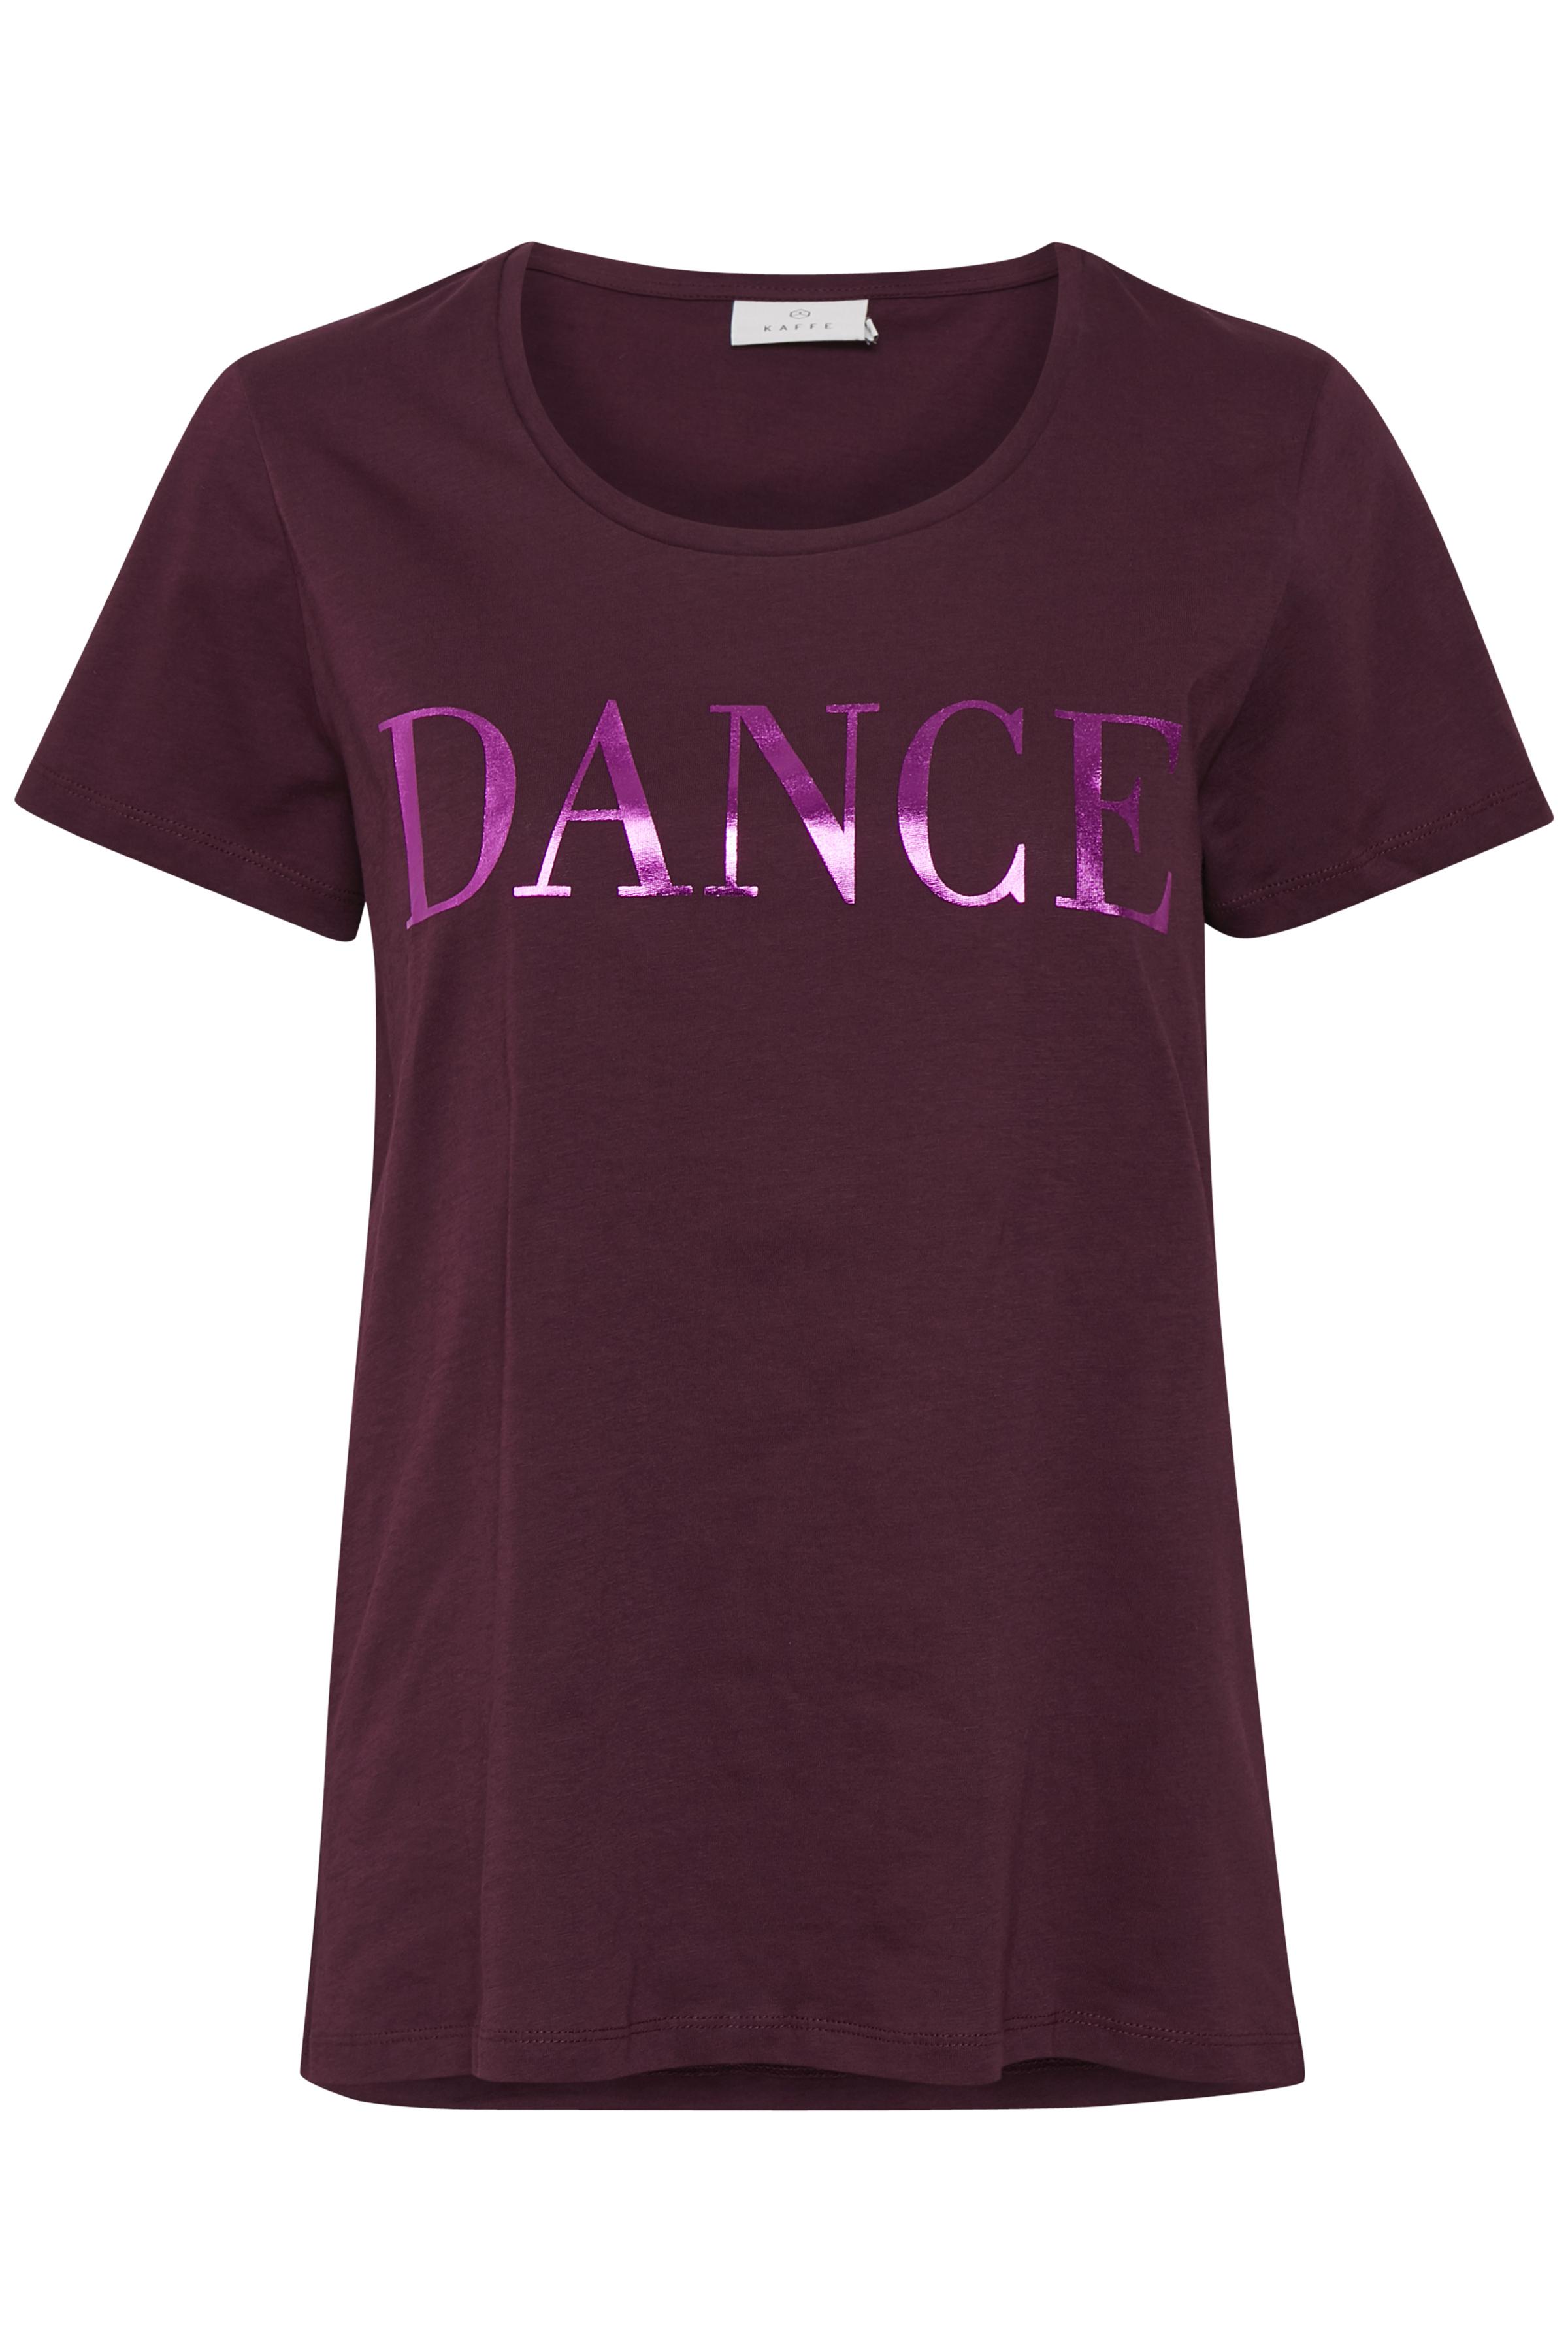 Mørk bordeaux Kortærmet T-shirt fra Kaffe – Køb Mørk bordeaux Kortærmet T-shirt fra str. XS-XXL her